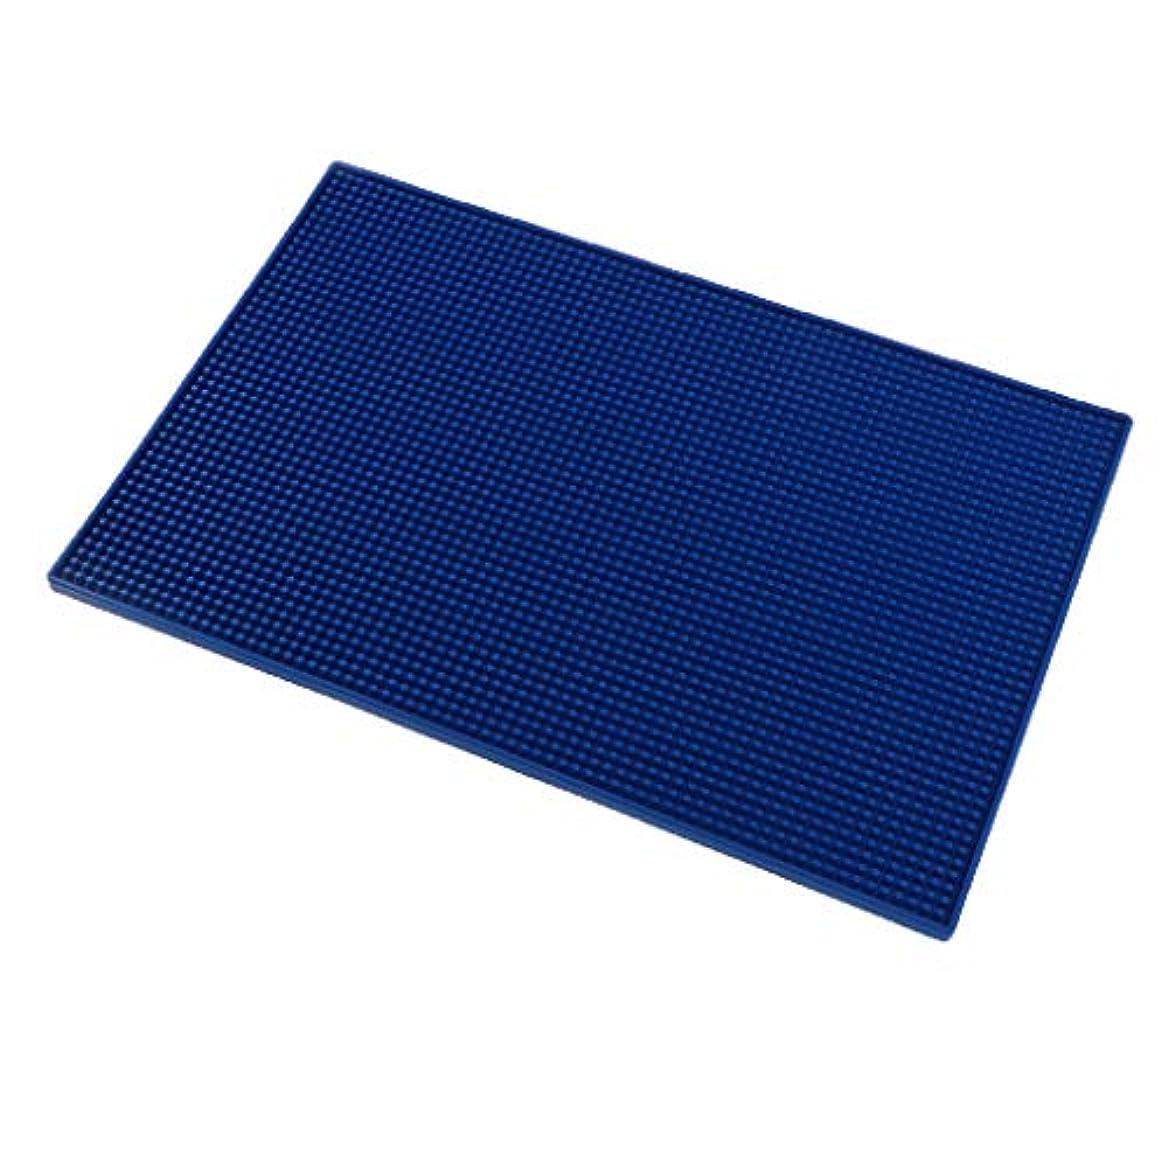 印刷するレイアスカウトクッション シリコンマット ネイルアート ハンドレスト マニキュアツール 全3色 - 濃紺